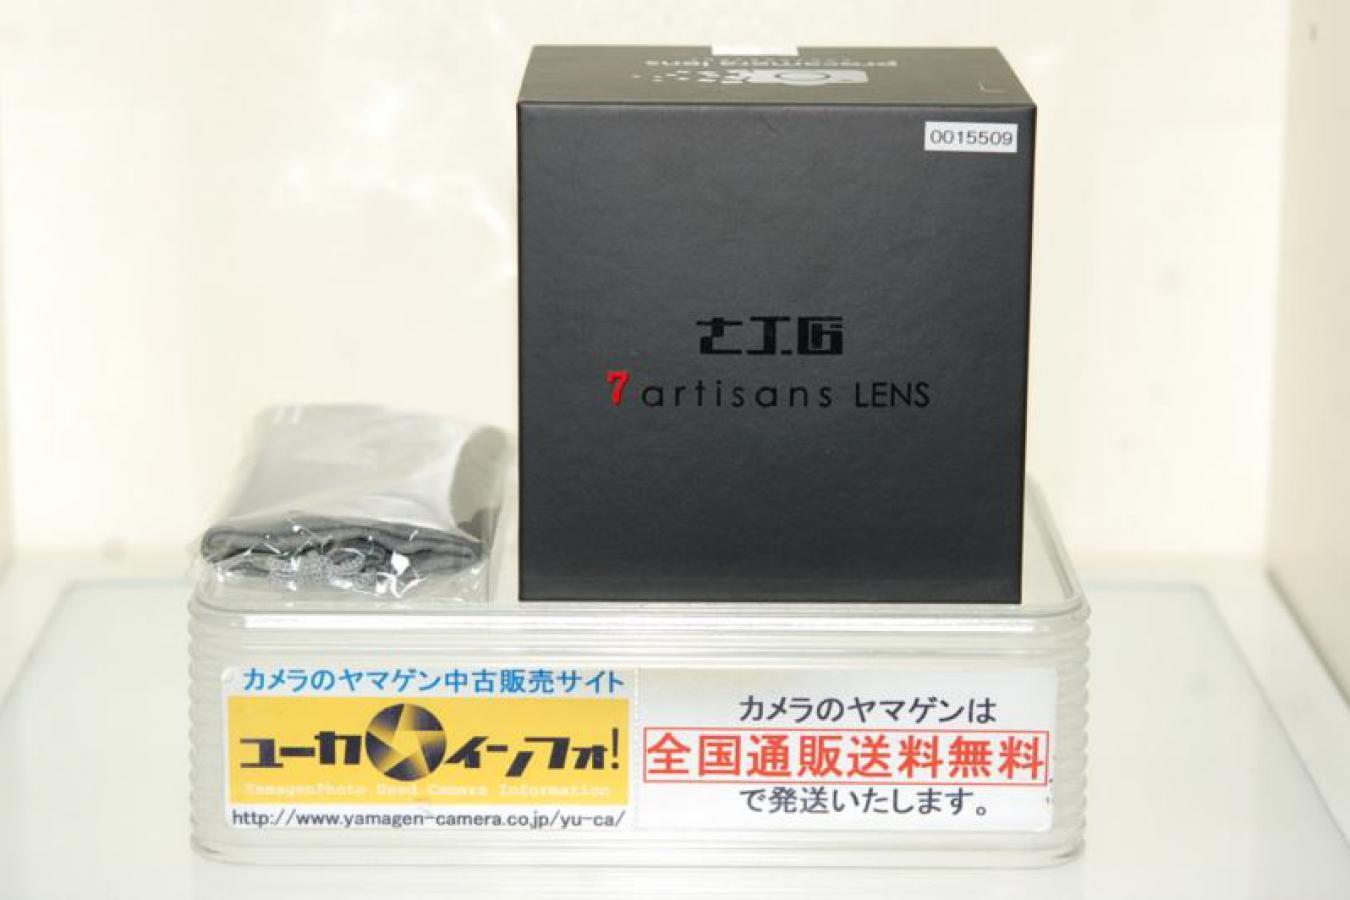 【新品未使用】 七工匠 7artisans 50mm F1.1 シルバー 【ライカMマウントレンズ】